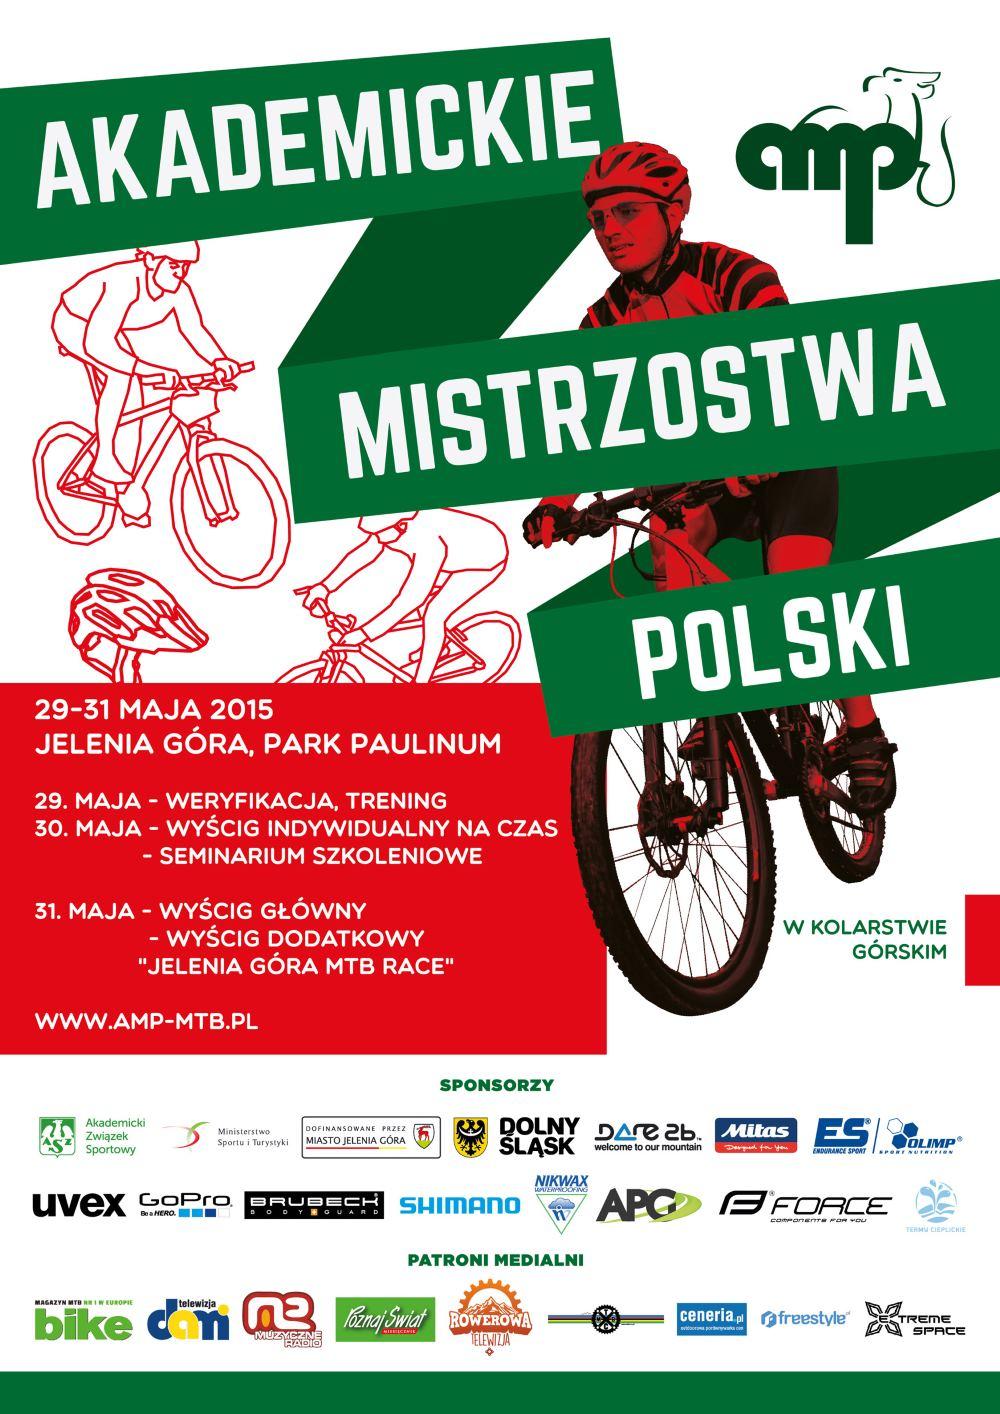 Akademickie Mistrzostwa Polski w XCO (cross-country)